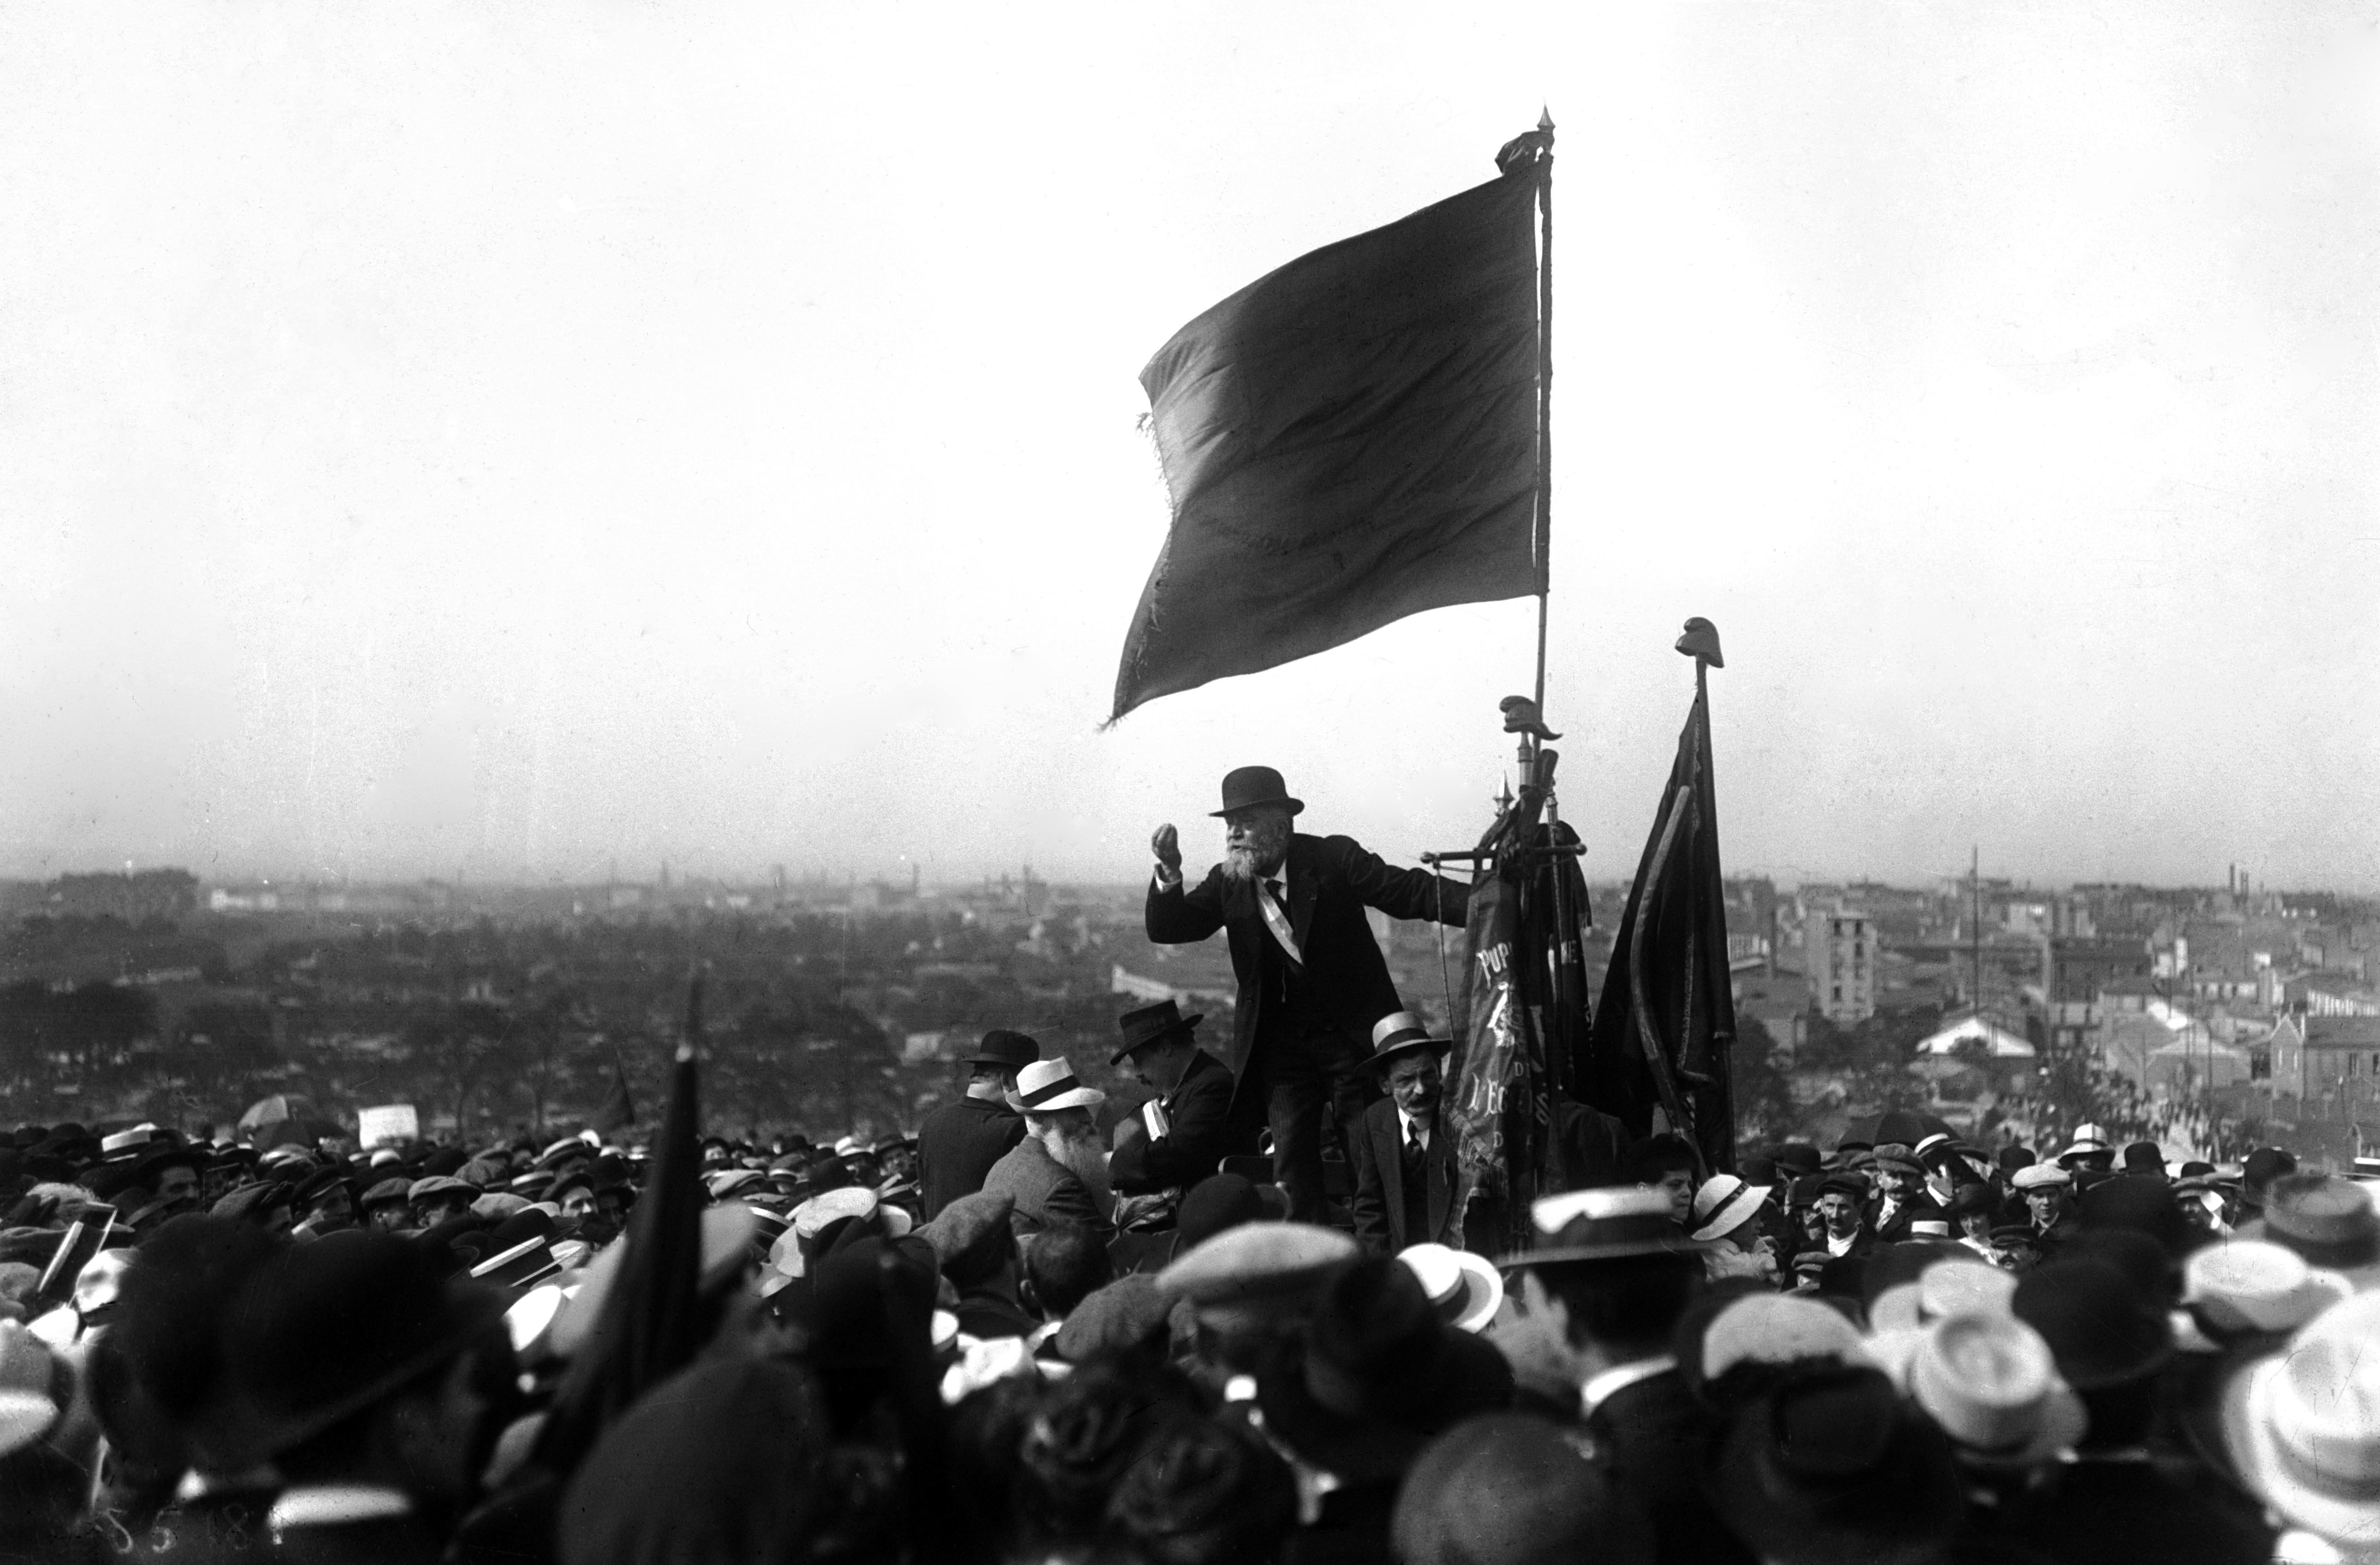 discours de Jaurès le 25 mai 1913 au Pré-Saint-Gervais